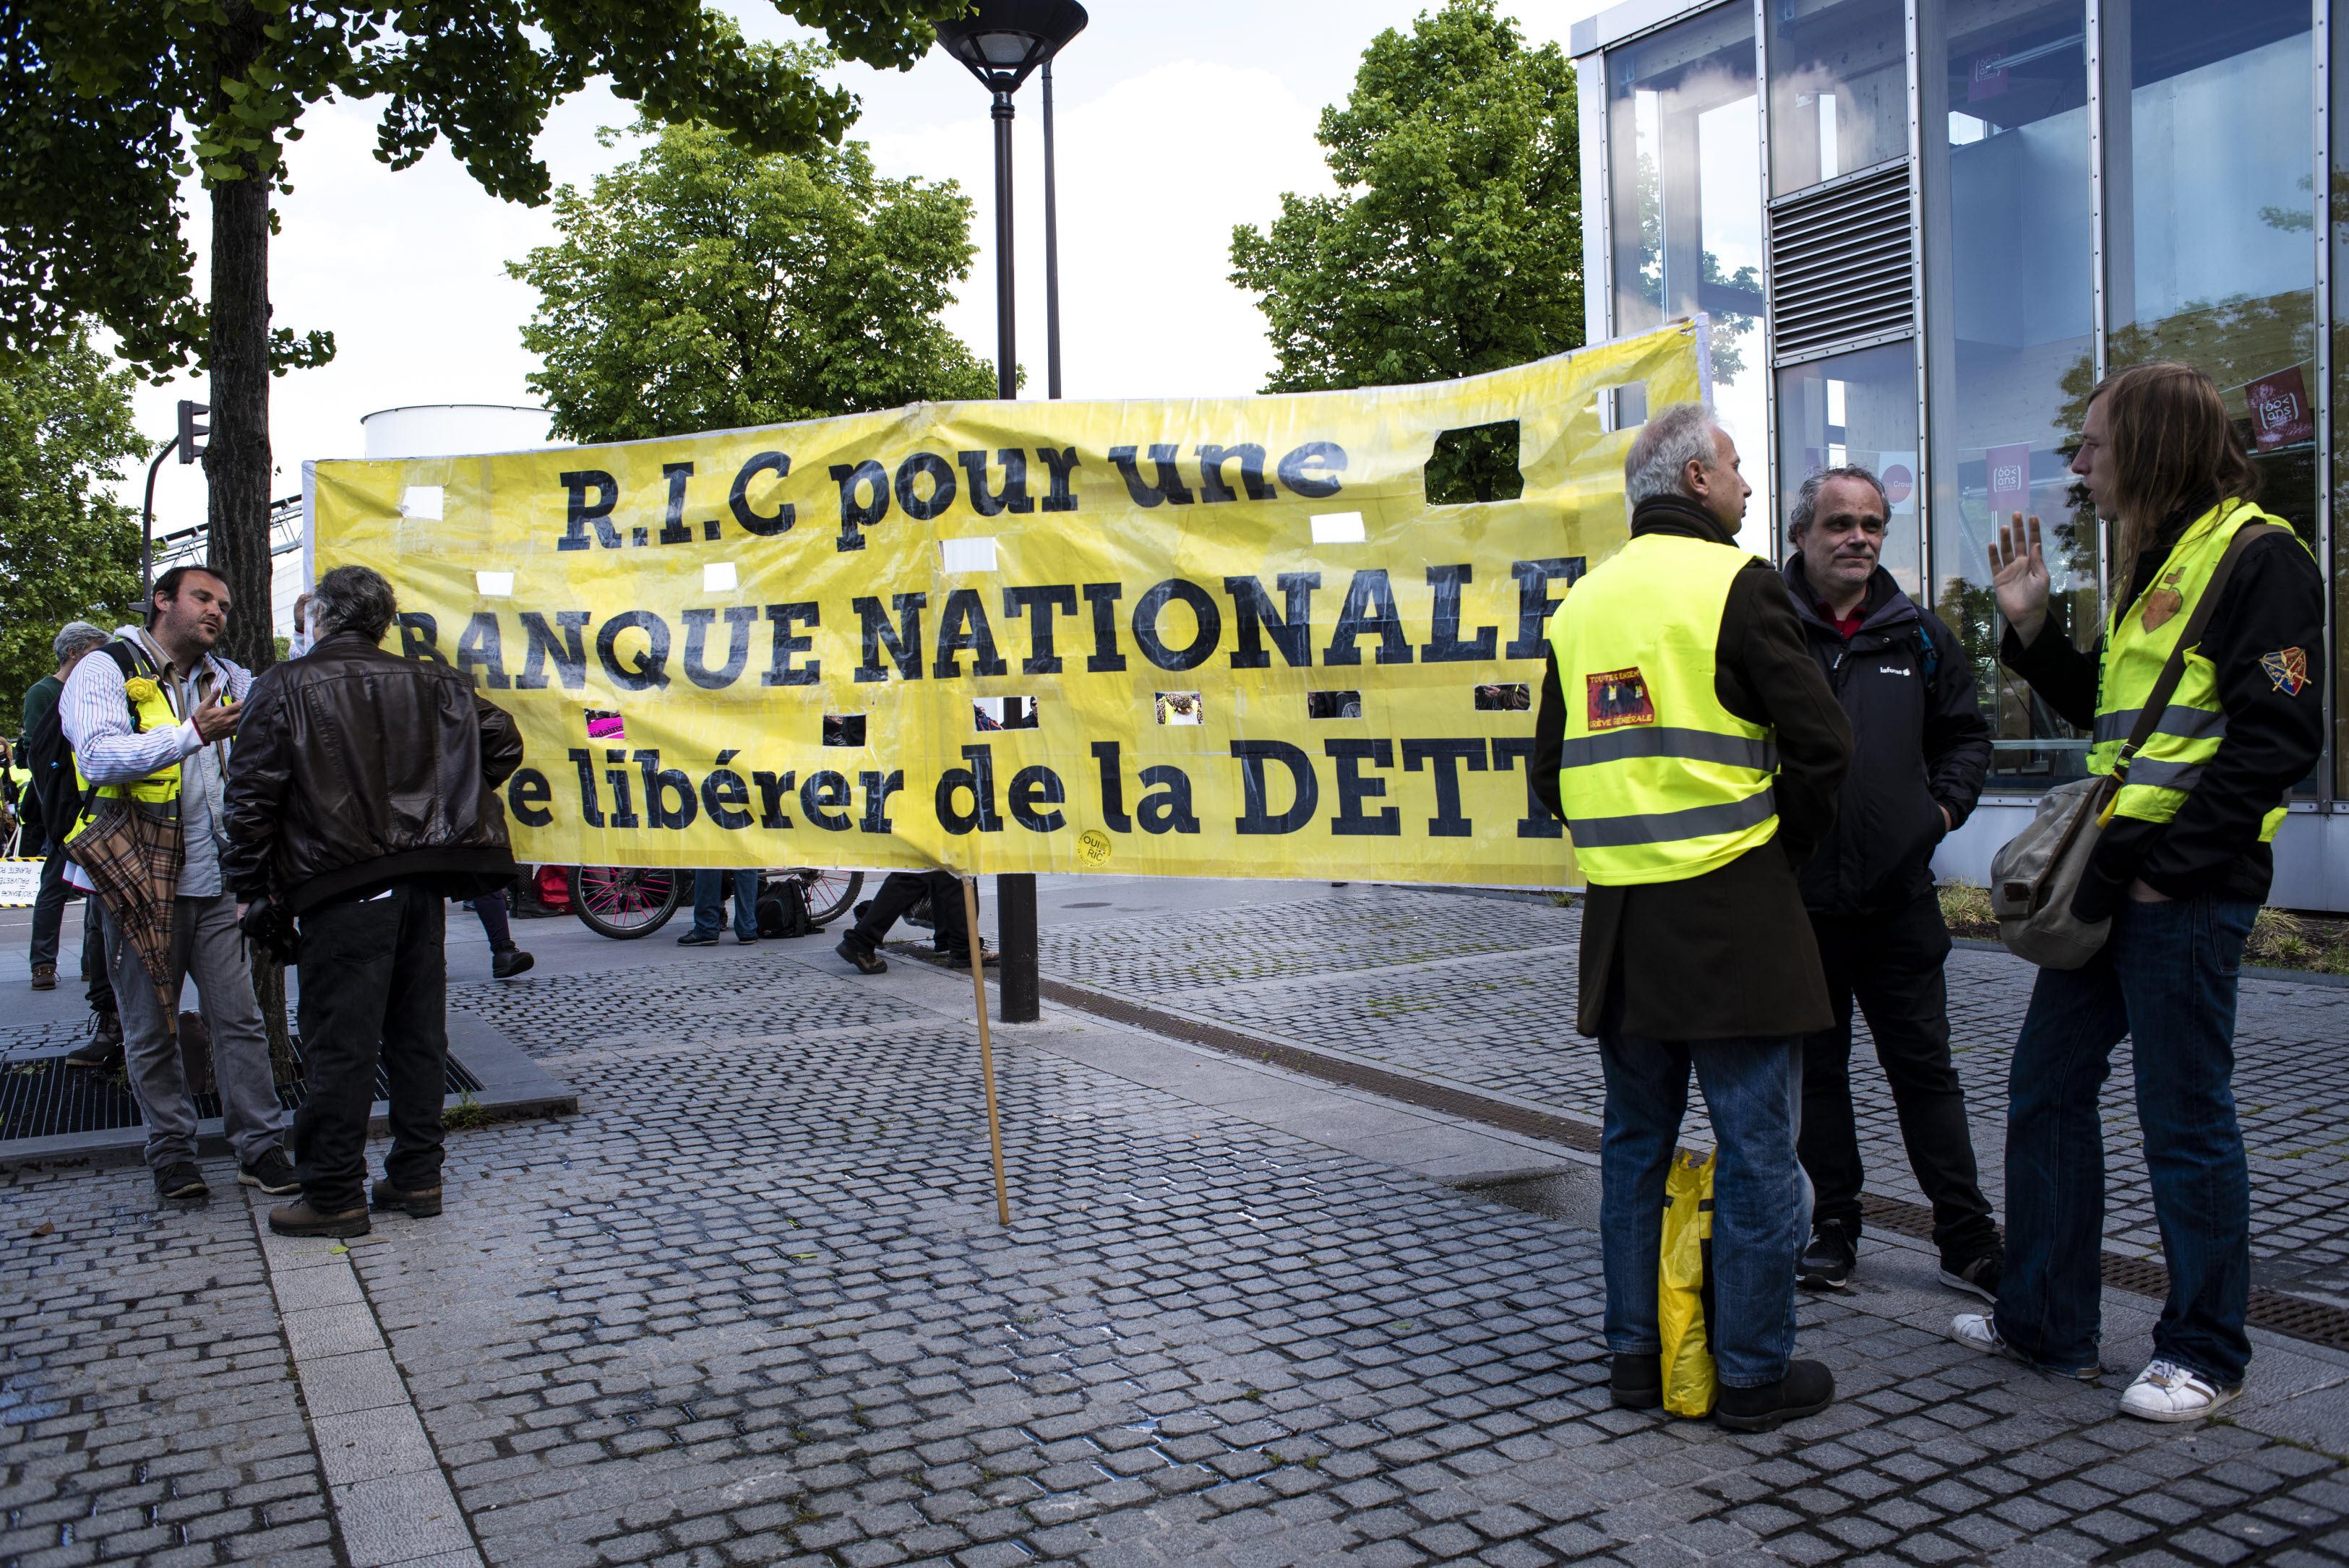 Covid-19 : Faut-il annuler la dette des États détenue par la Banque centrale européenne? Débat entre Jézabel Couppey-Soubeyran et Jean Pisani-Ferry